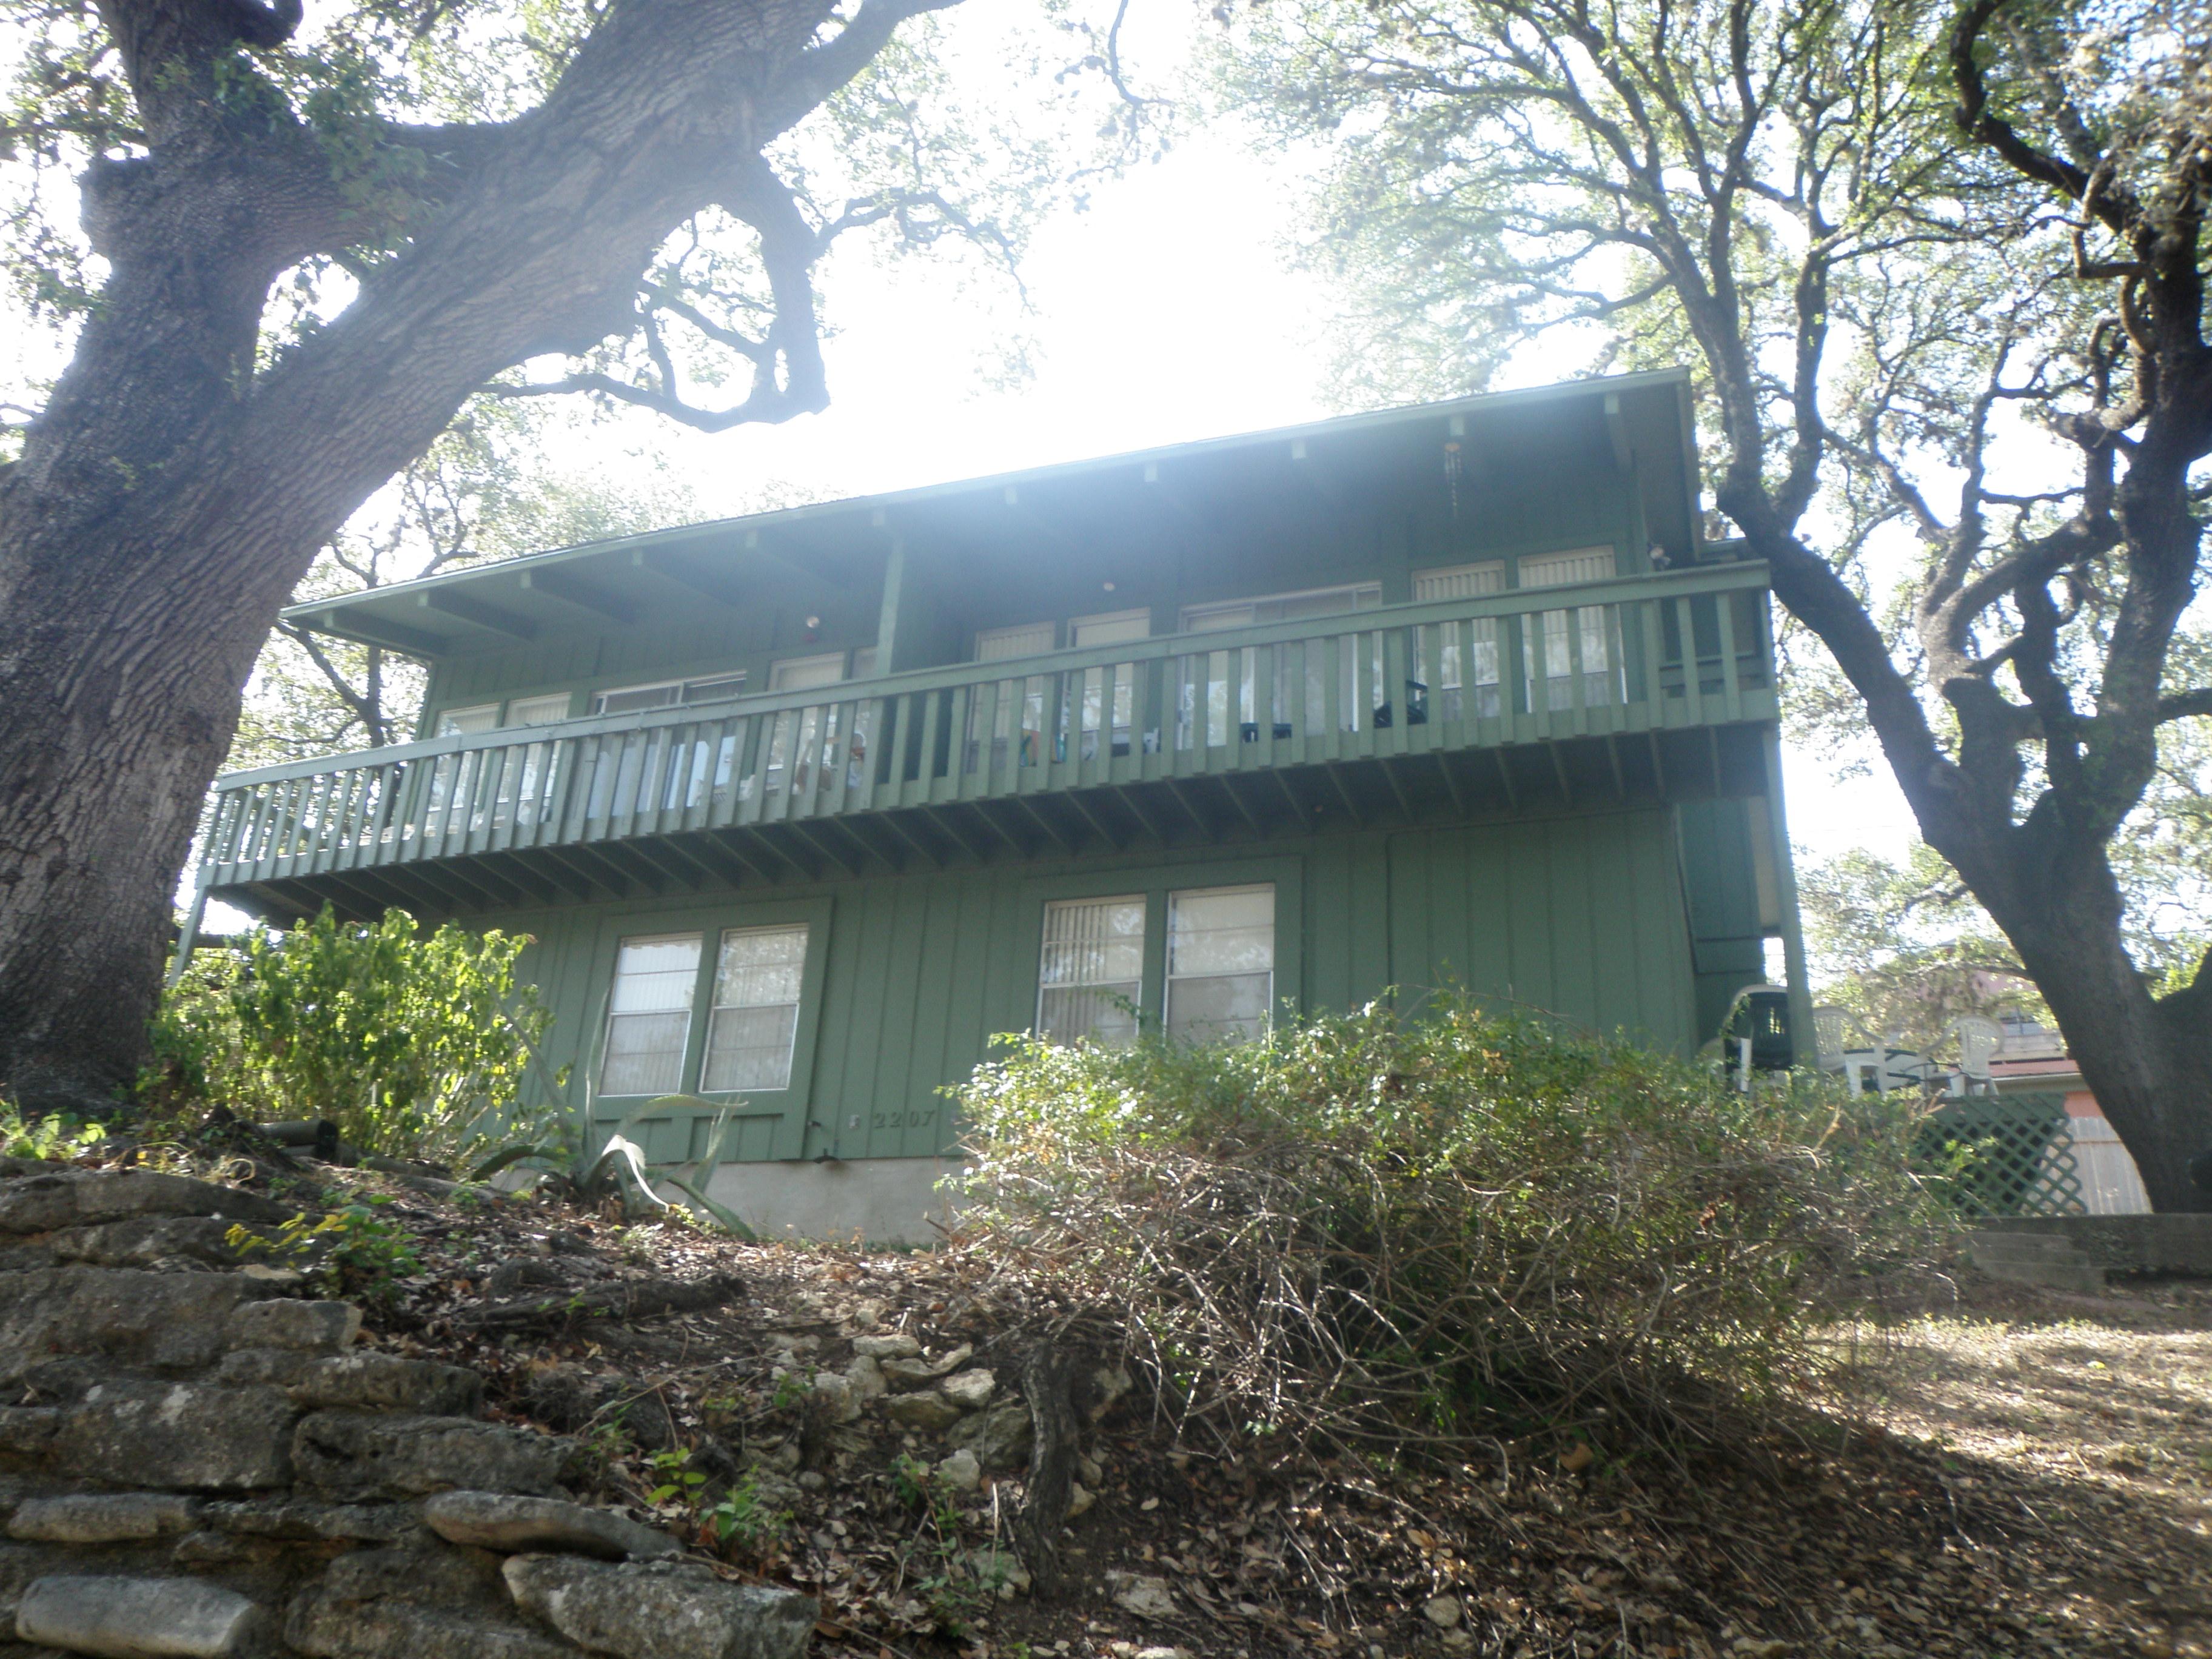 Trailside Tree House